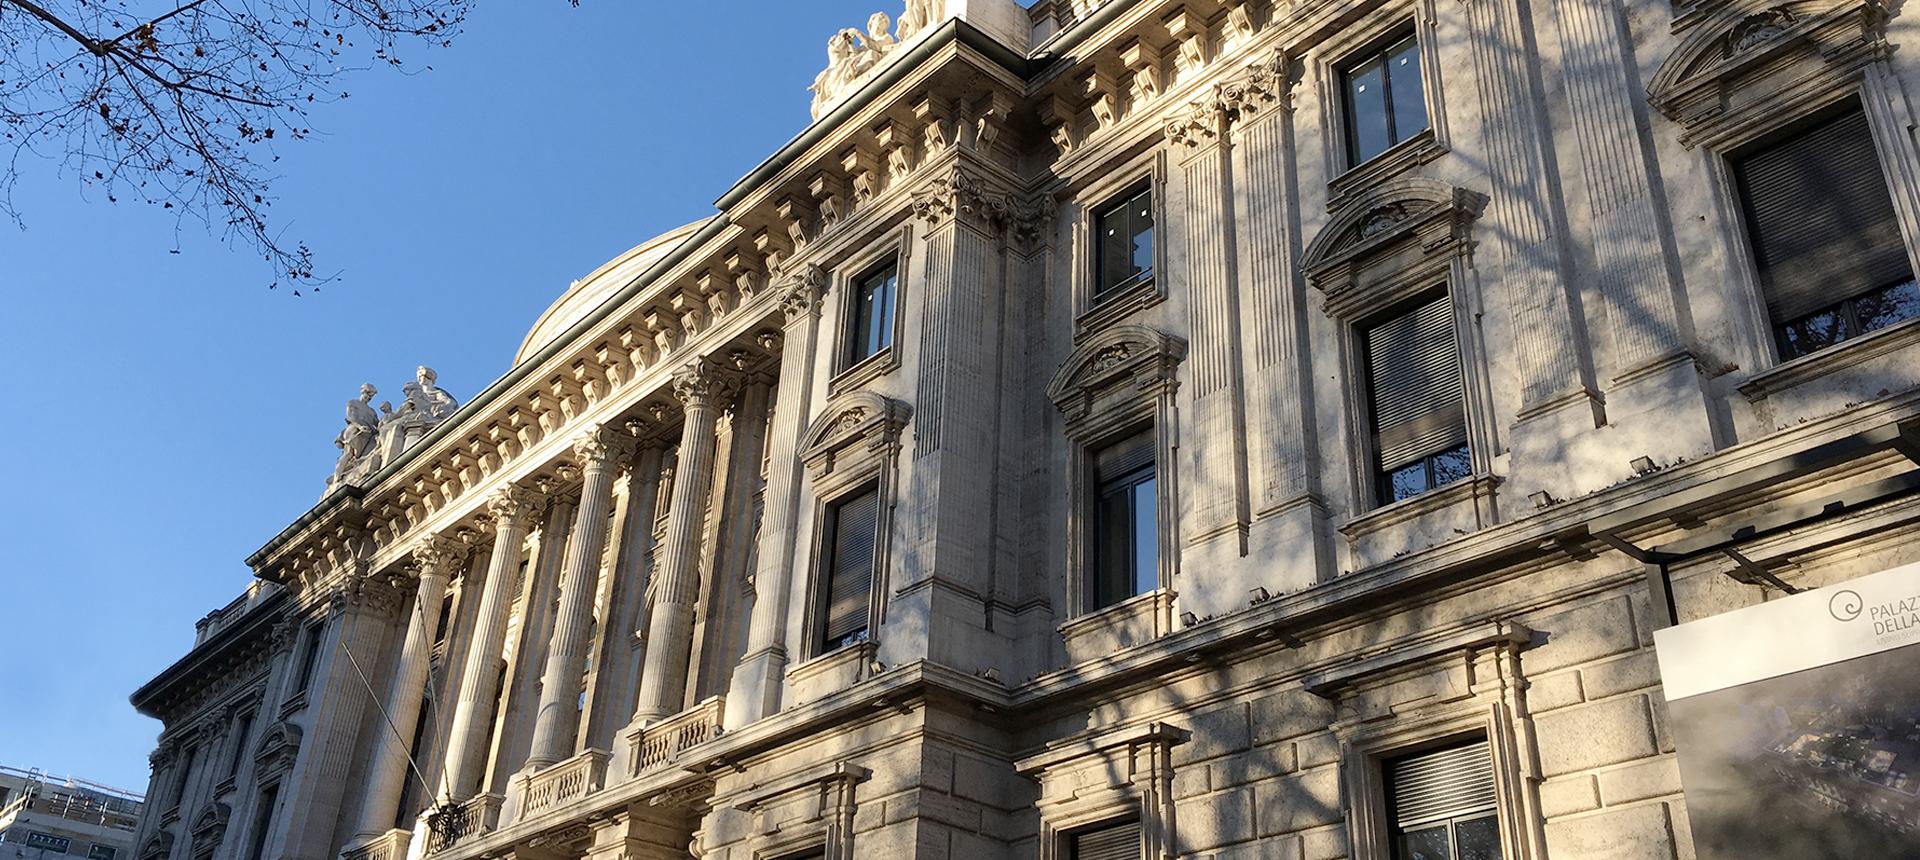 Consiglio Notarile dei distretti riuniti di Torino e Pinerolo